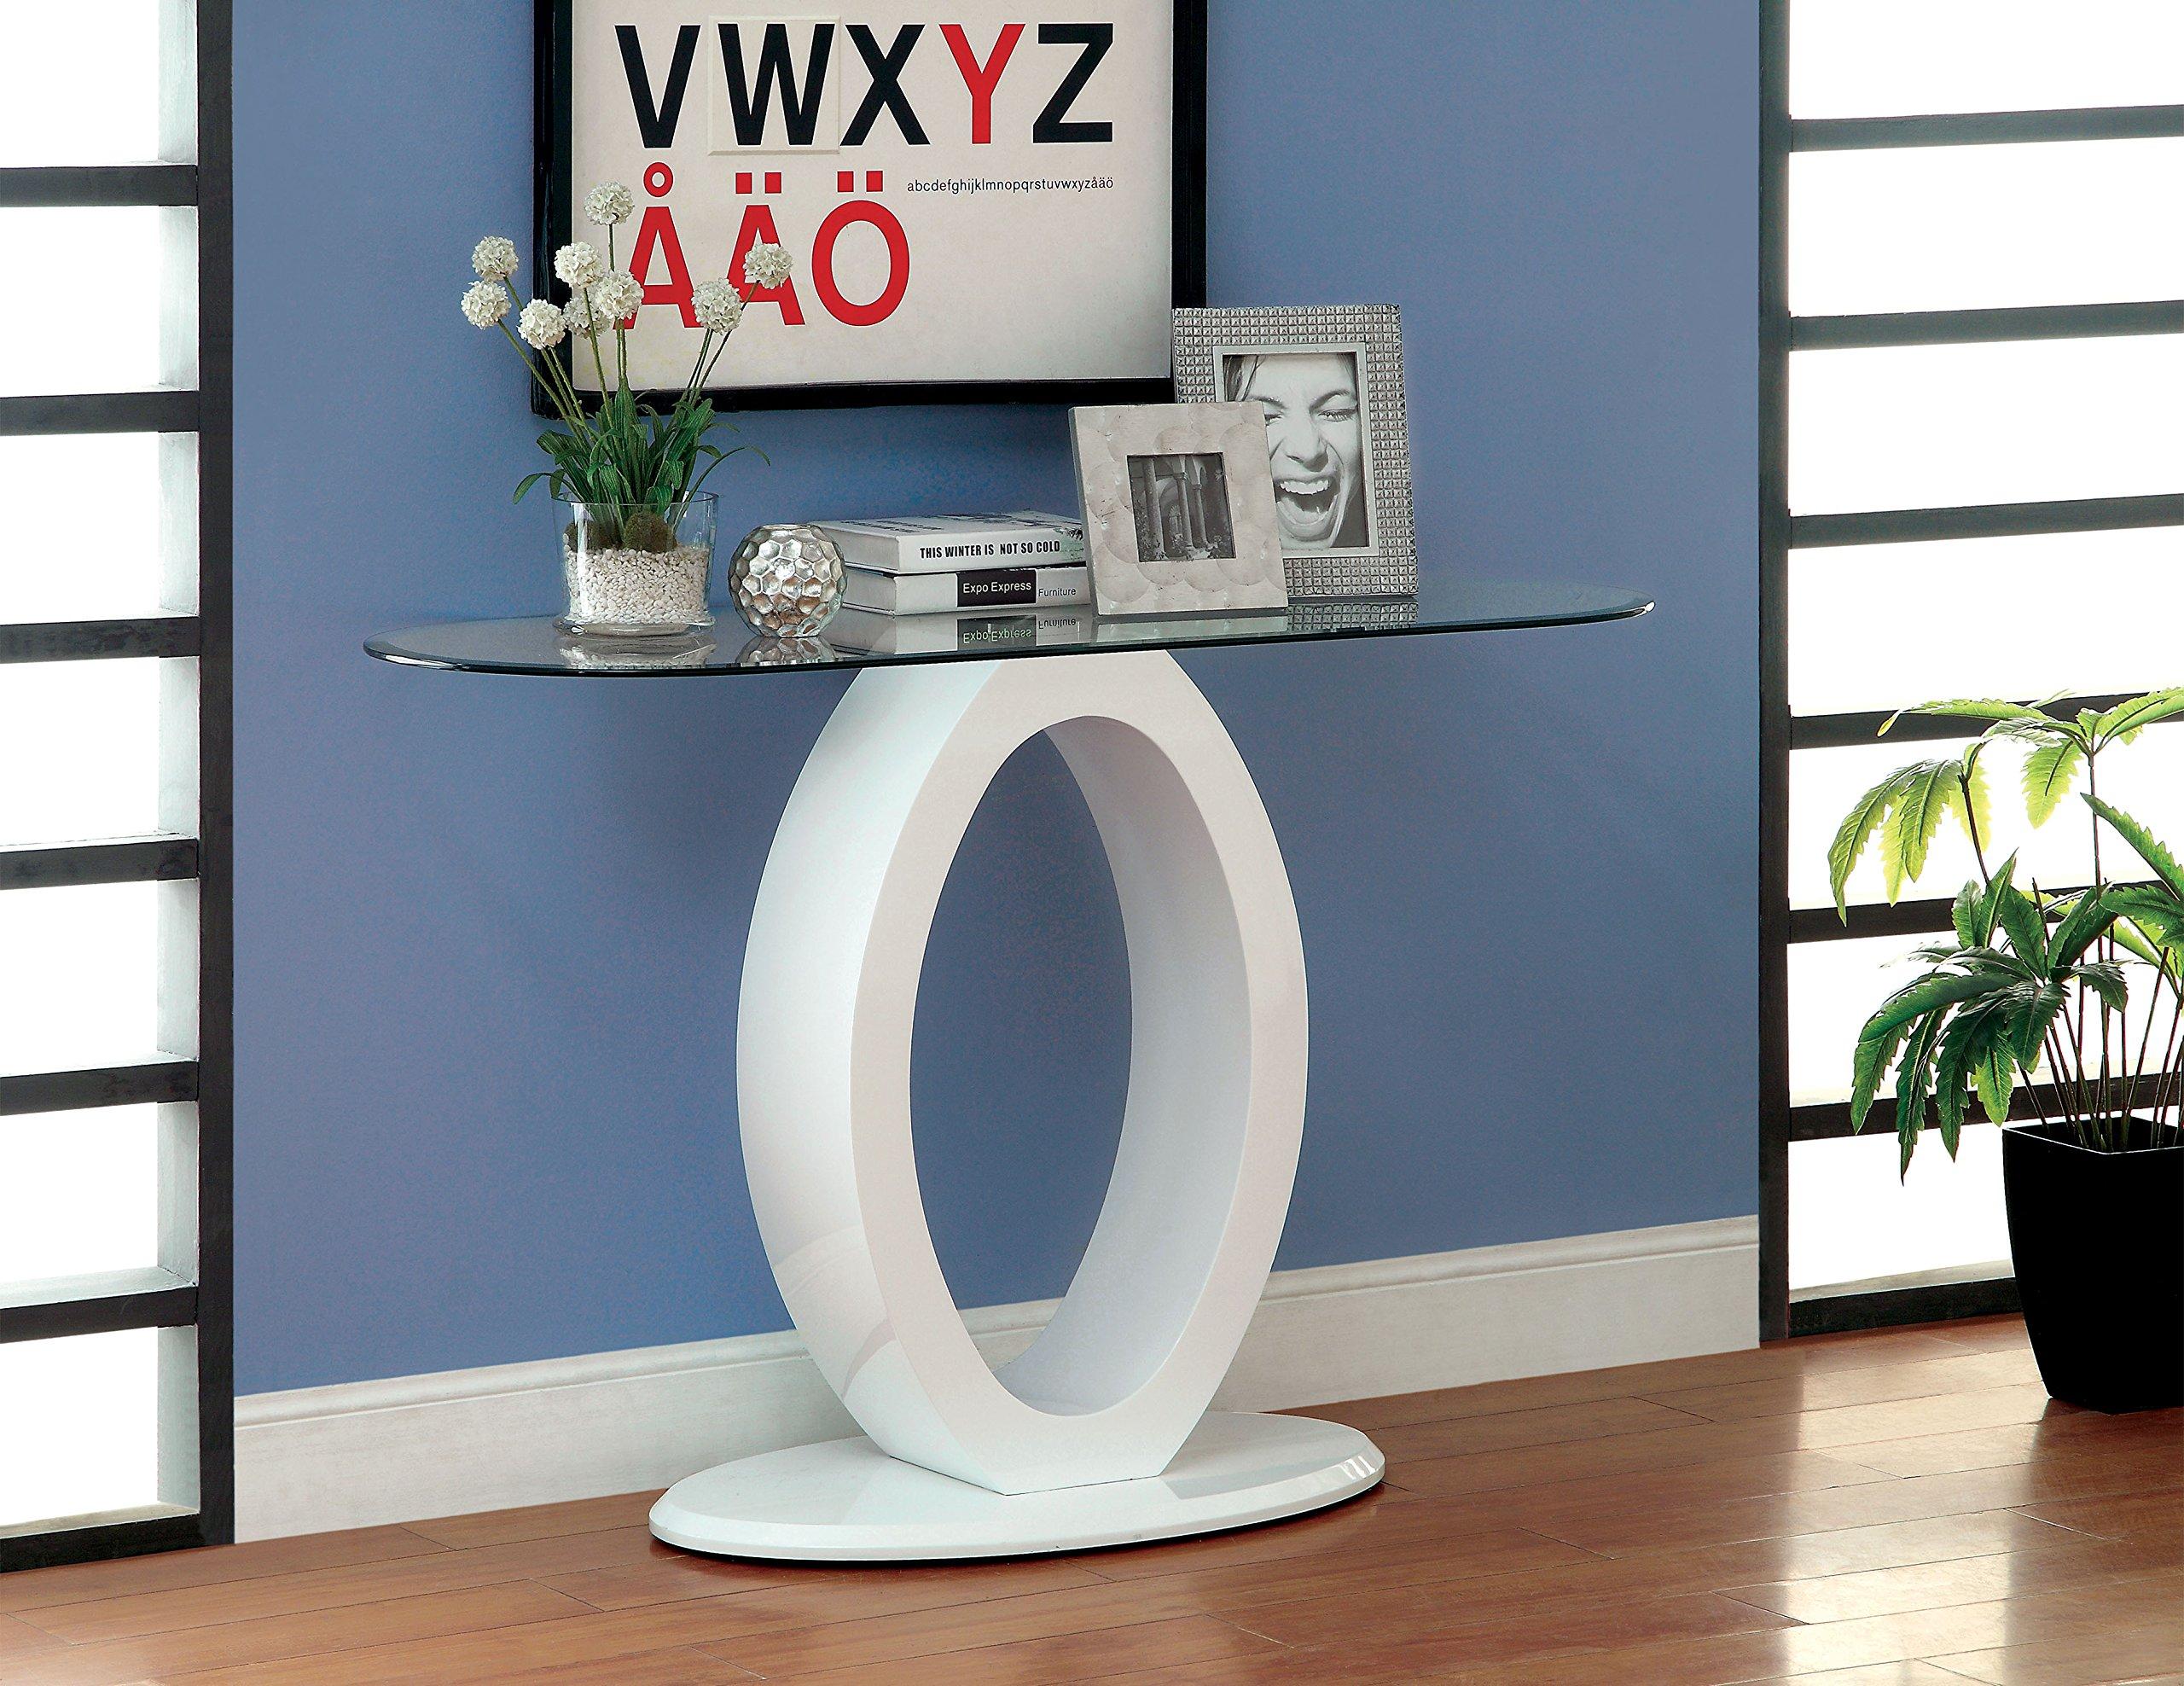 Furniture of America Modine Contemporary Glass Top Sofa Table, White by Furniture of America